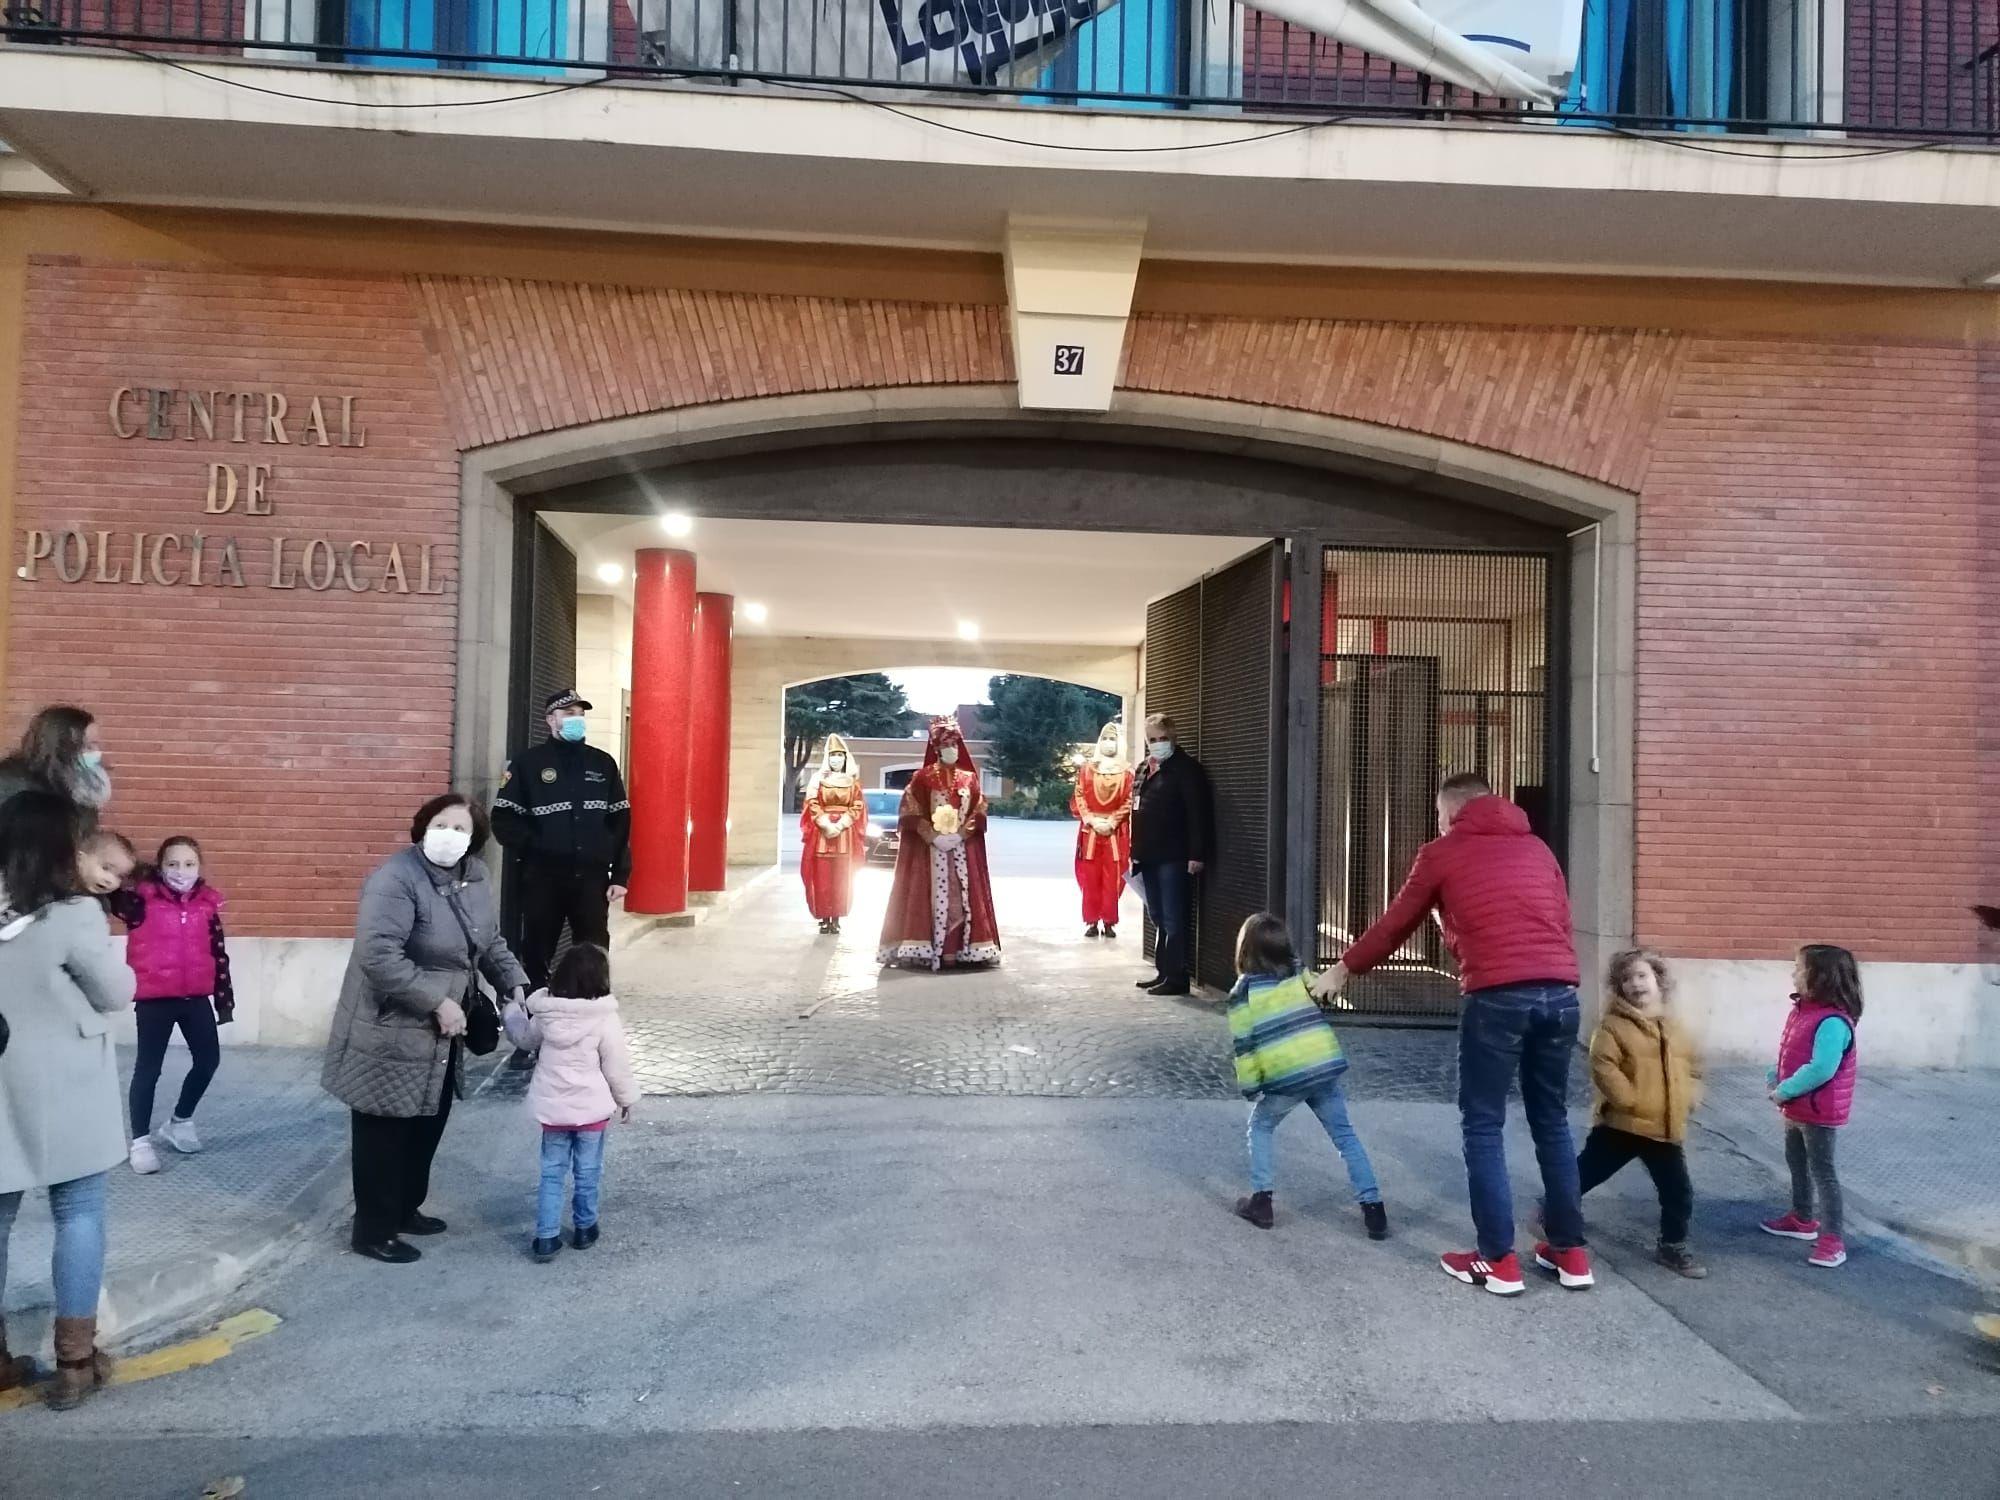 Los Reyes Magos llegan a la recepción en el Ayuntamiento de València